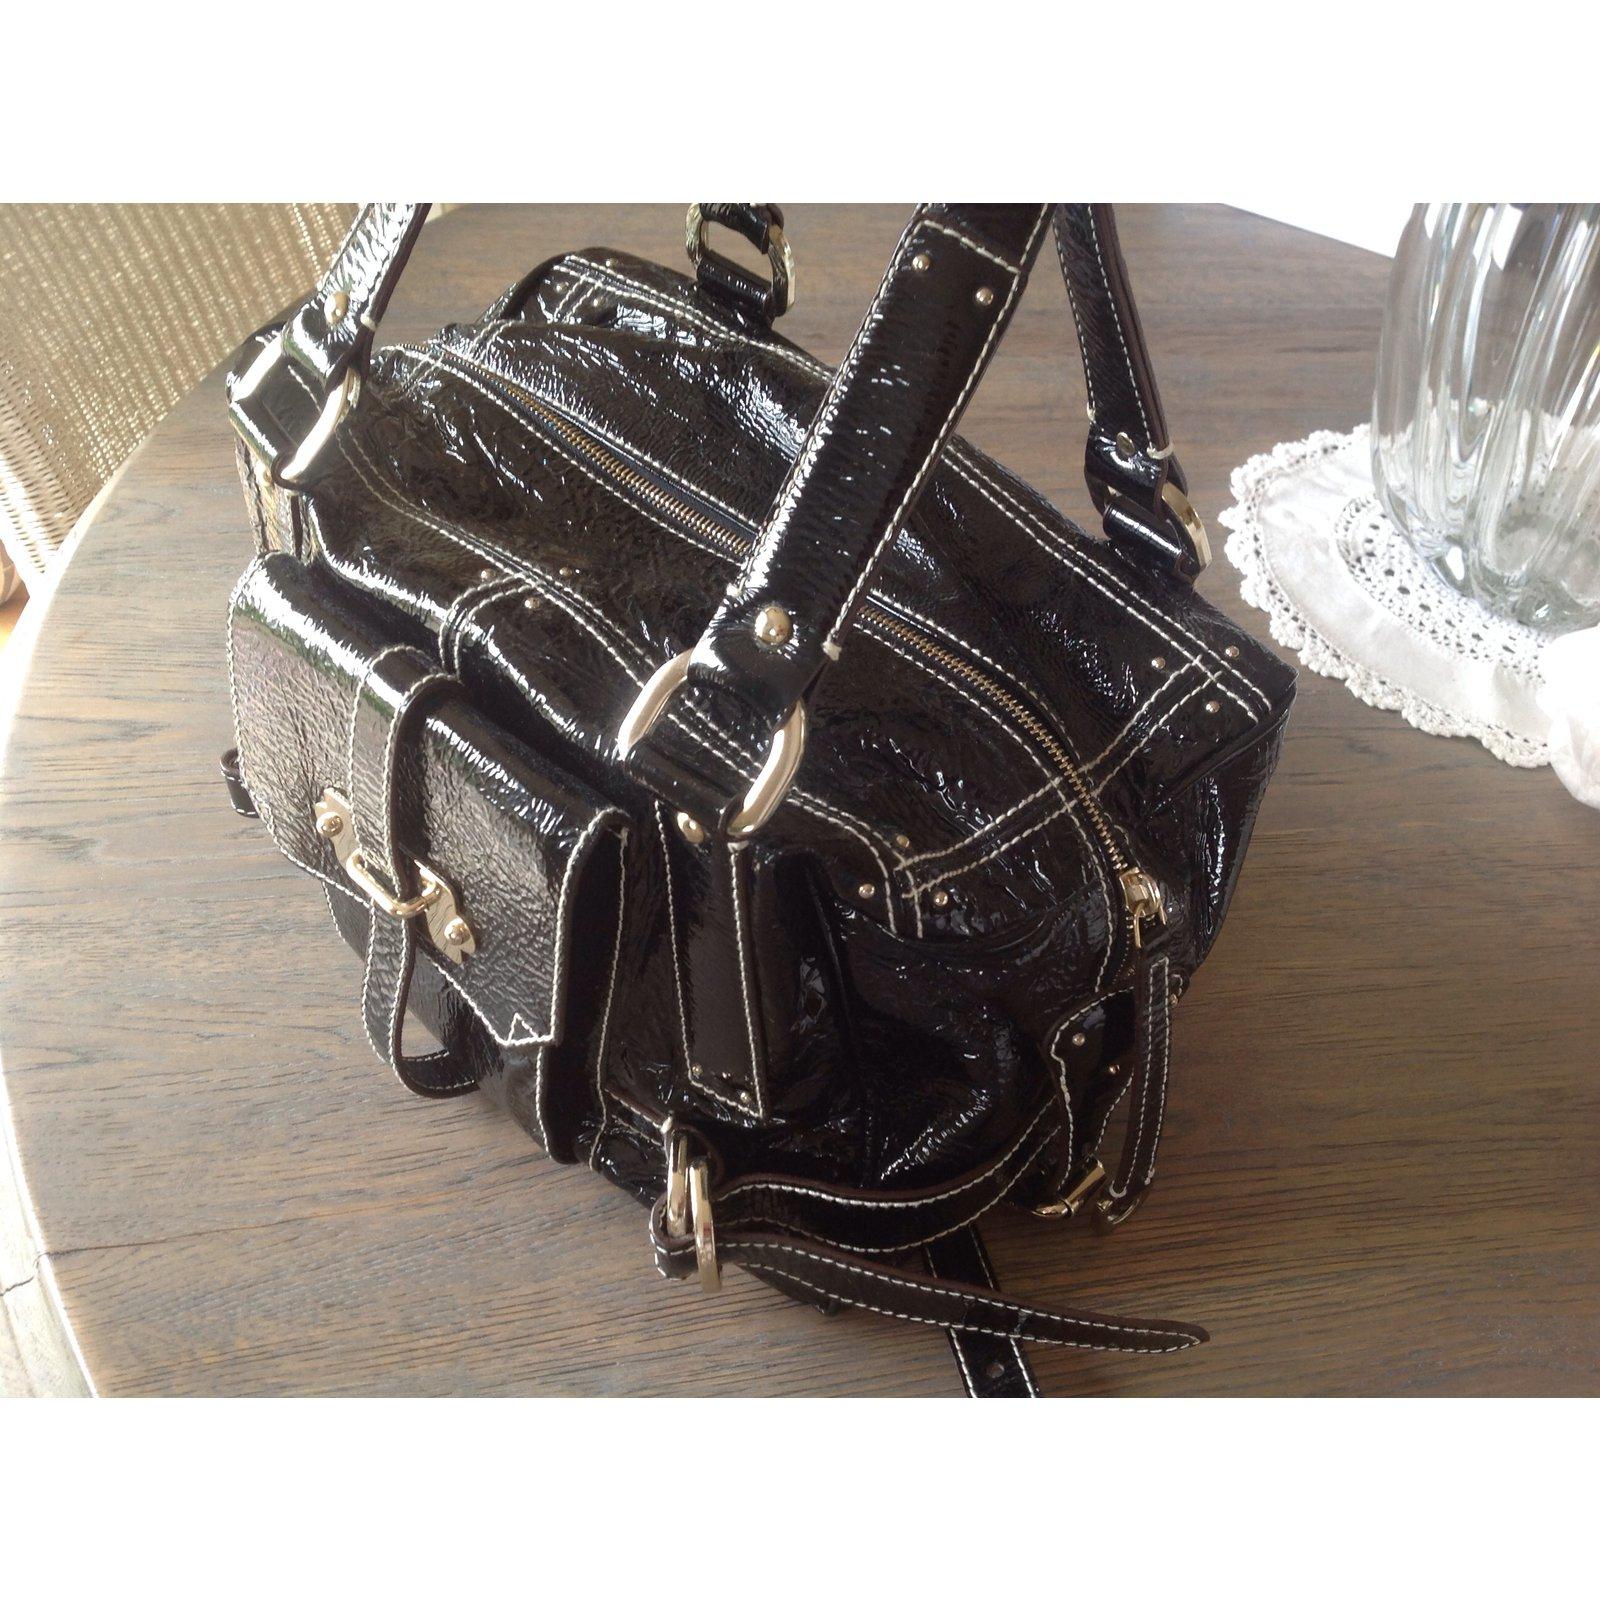 086d86be69d Luella Handbag Handbags Patent leather Black ref.18390 - Joli Closet